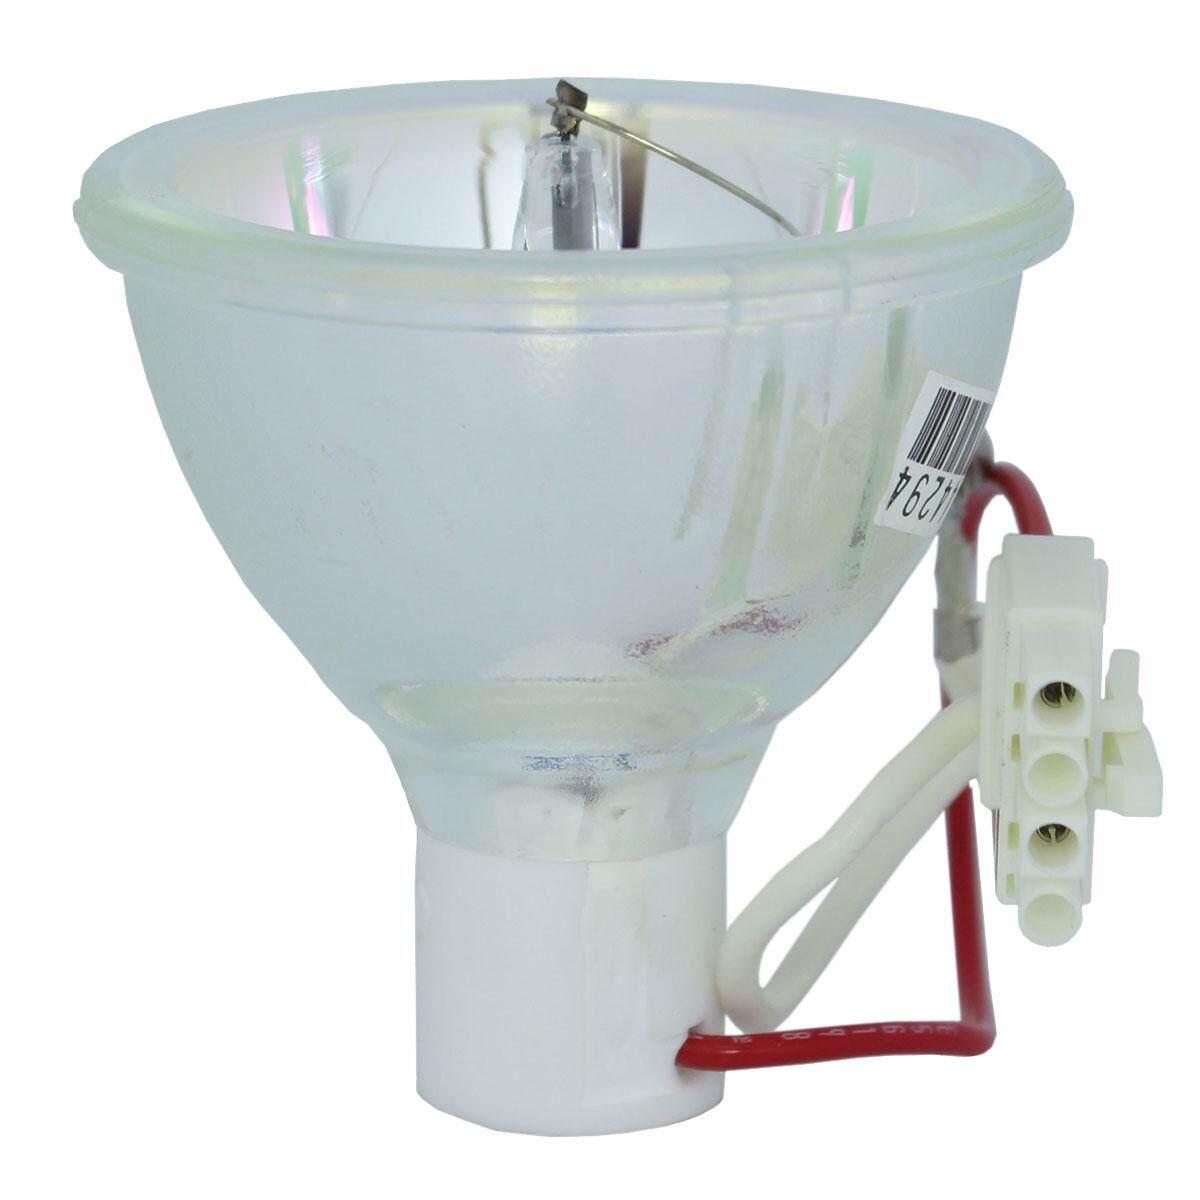 Jual Infocus Projector In220 Murah Garansi Dan Berkualitas Id Store Cus In224 Svga Hdmi Rp 637000